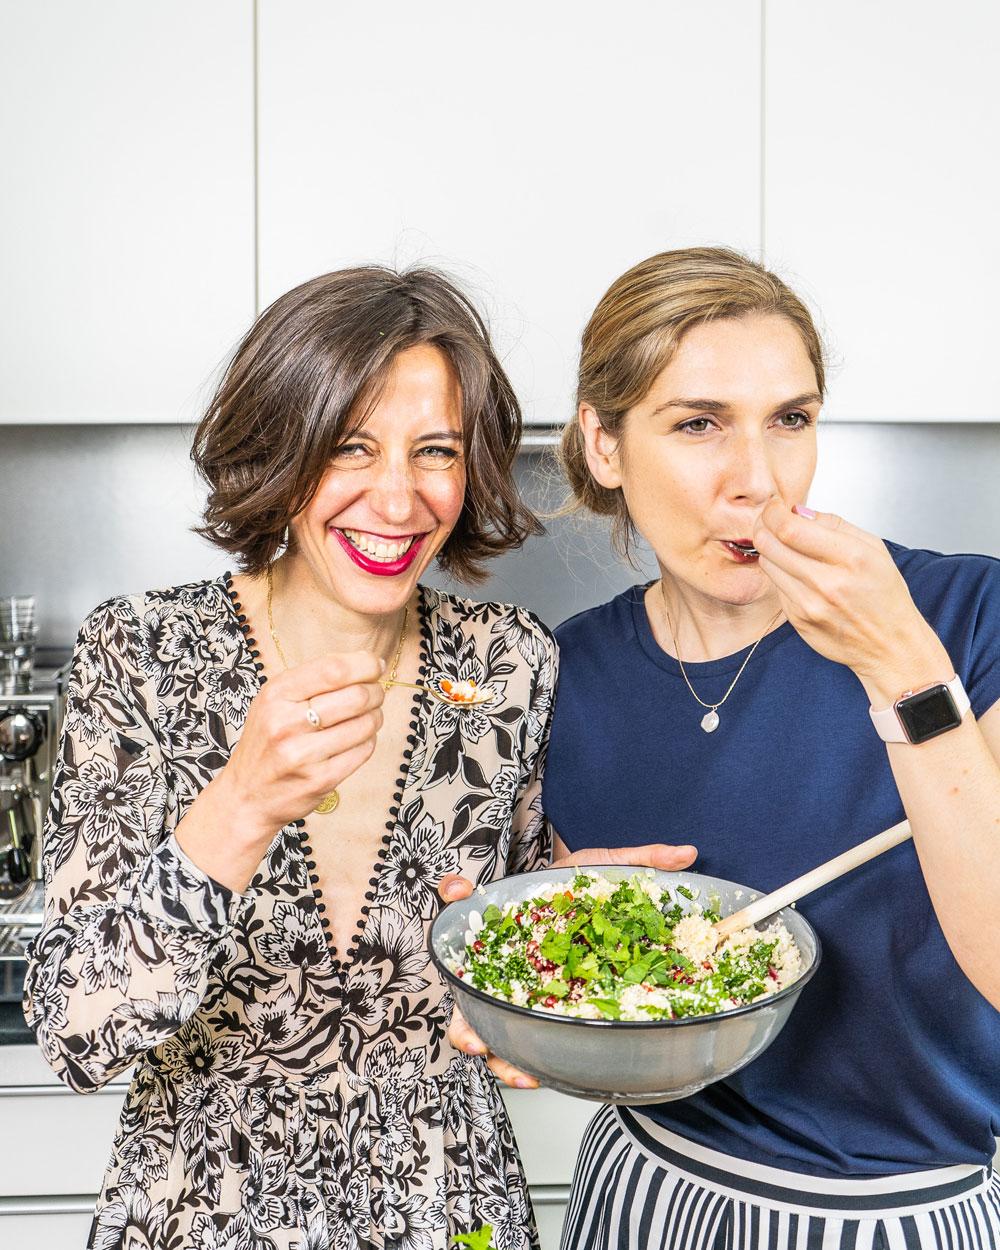 Mrs Flury x sonrisa: Zwei Foodies schwingen gemeinsam den Kochlöffel und verraten Dir ein leckeres Beauty-Rezept sowie die besten Pflege-Hacks für schöne Augen .